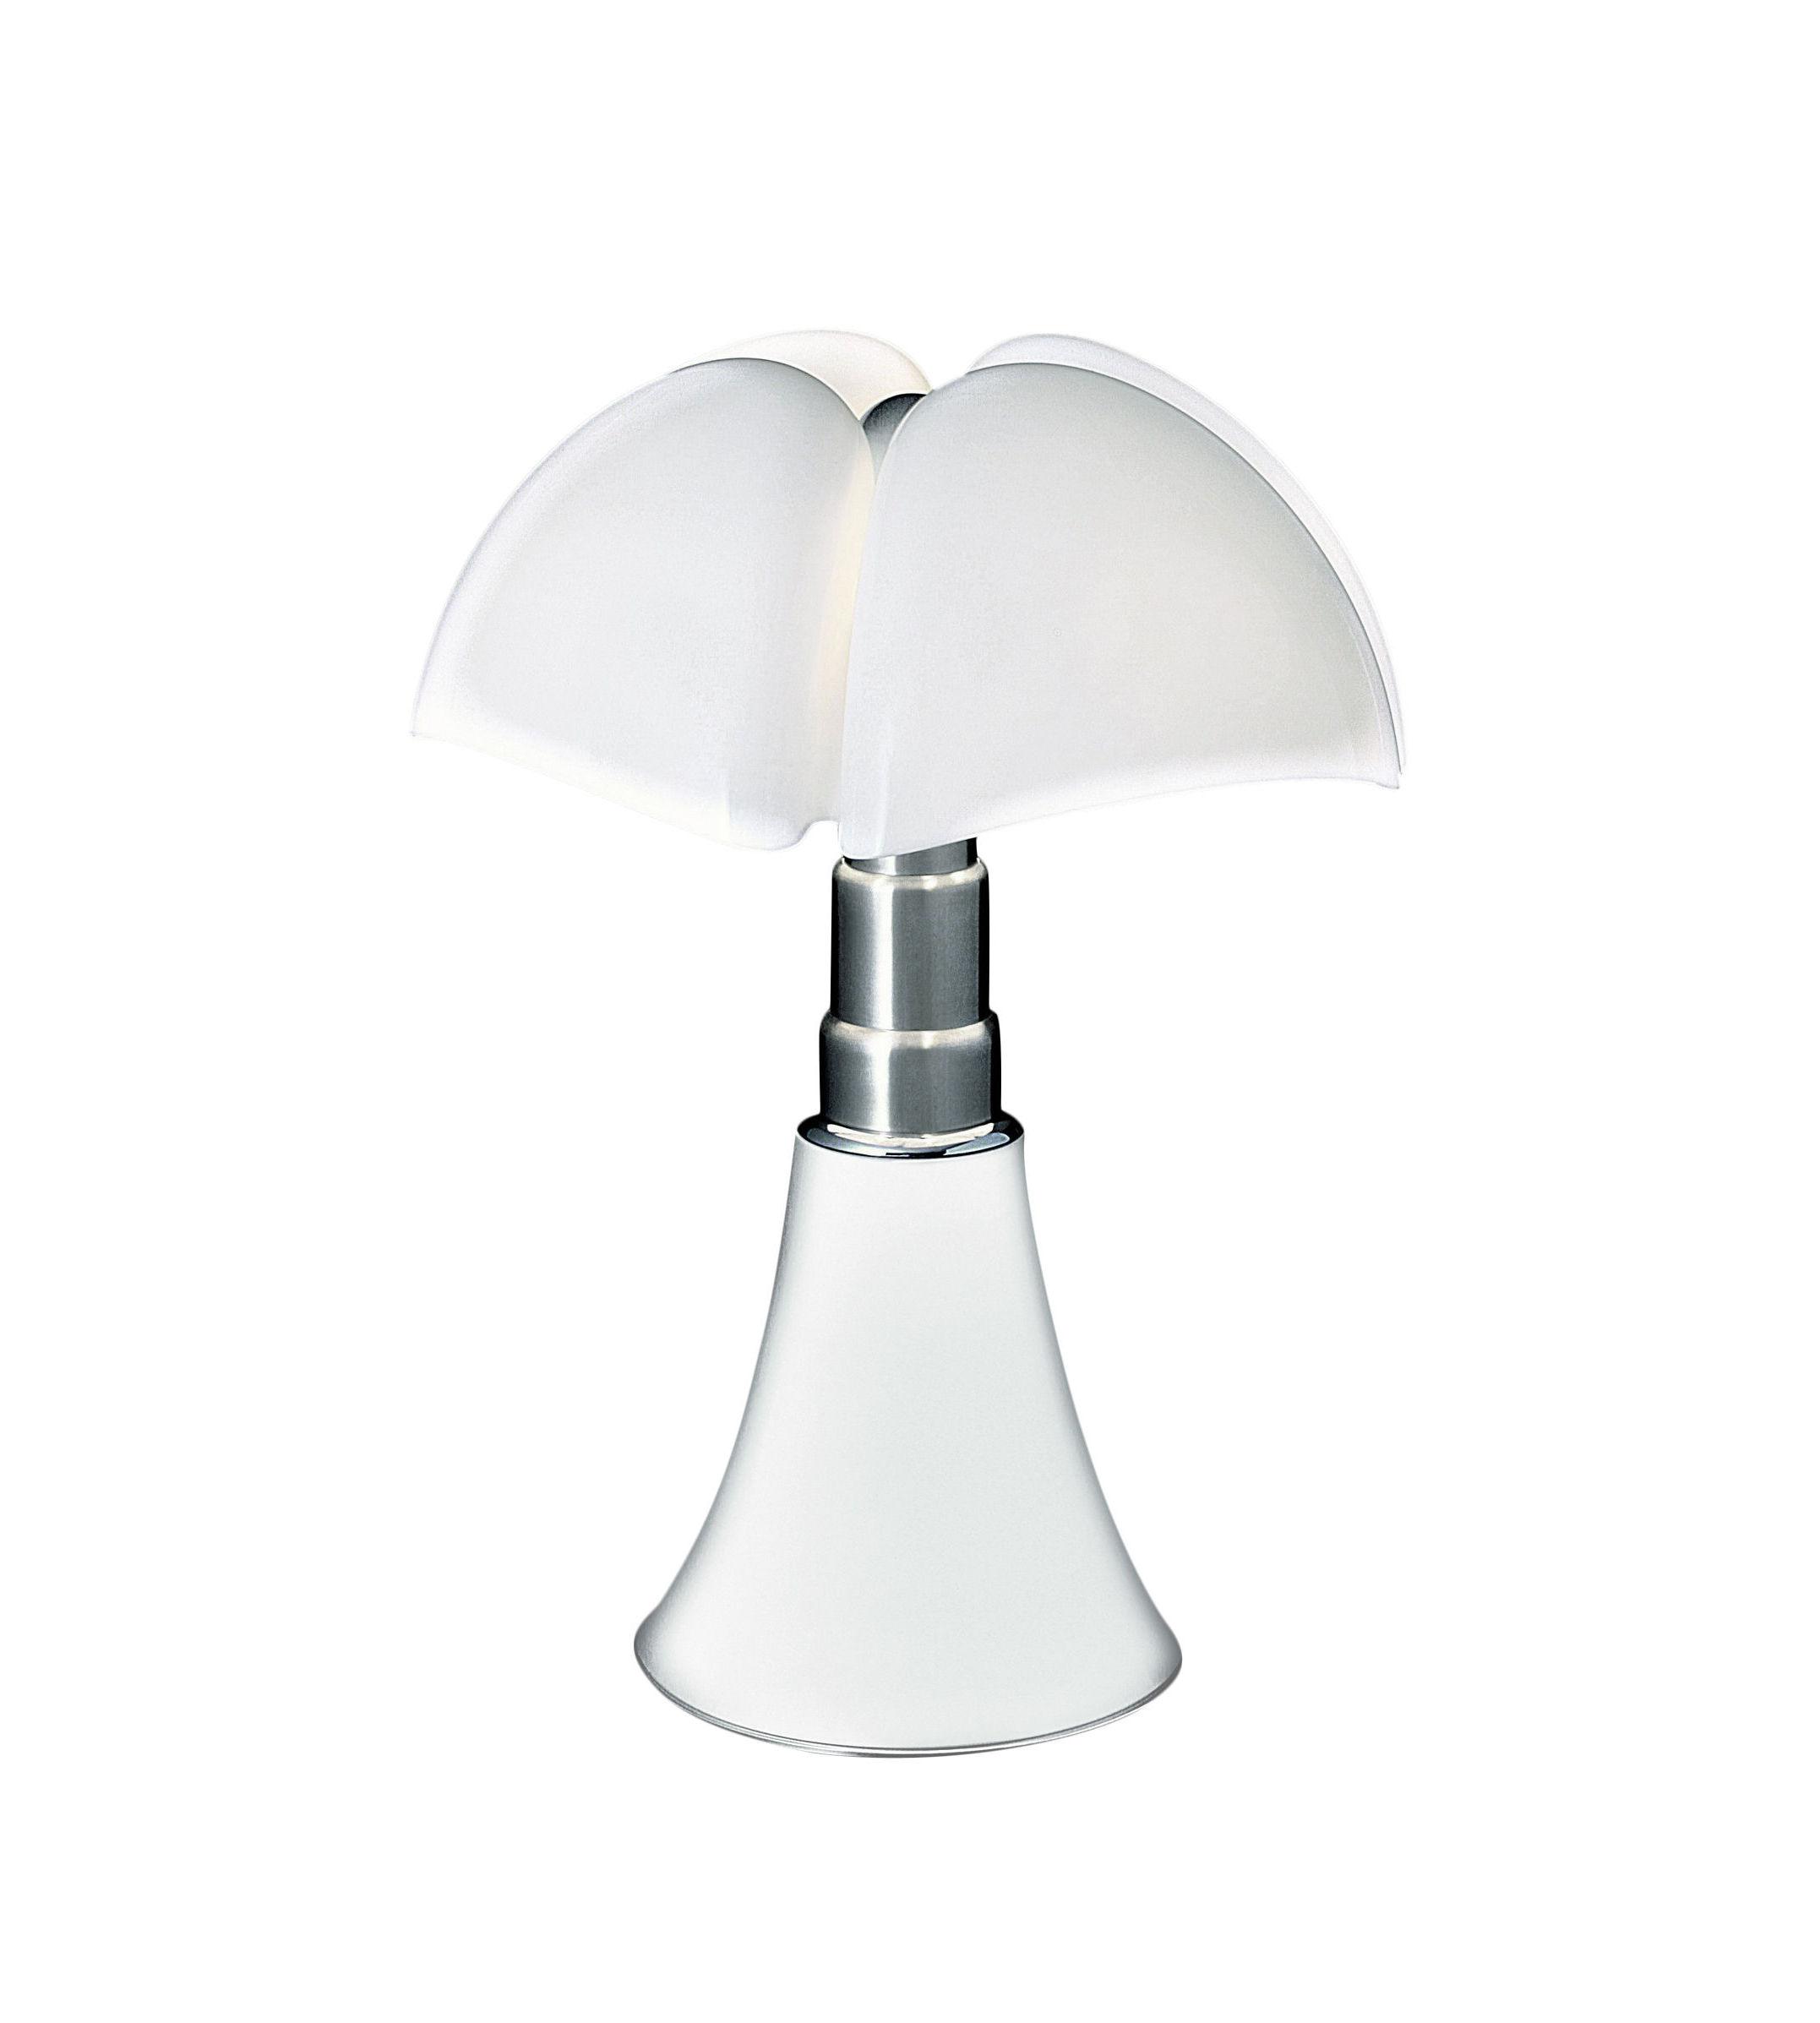 Illuminazione - Lampade da tavolo - Lampada da tavolo Minipipistrello LED di Martinelli Luce - Bianco - Acciaio galvanizzato, Alluminio laccato, Méthacrylate opalin